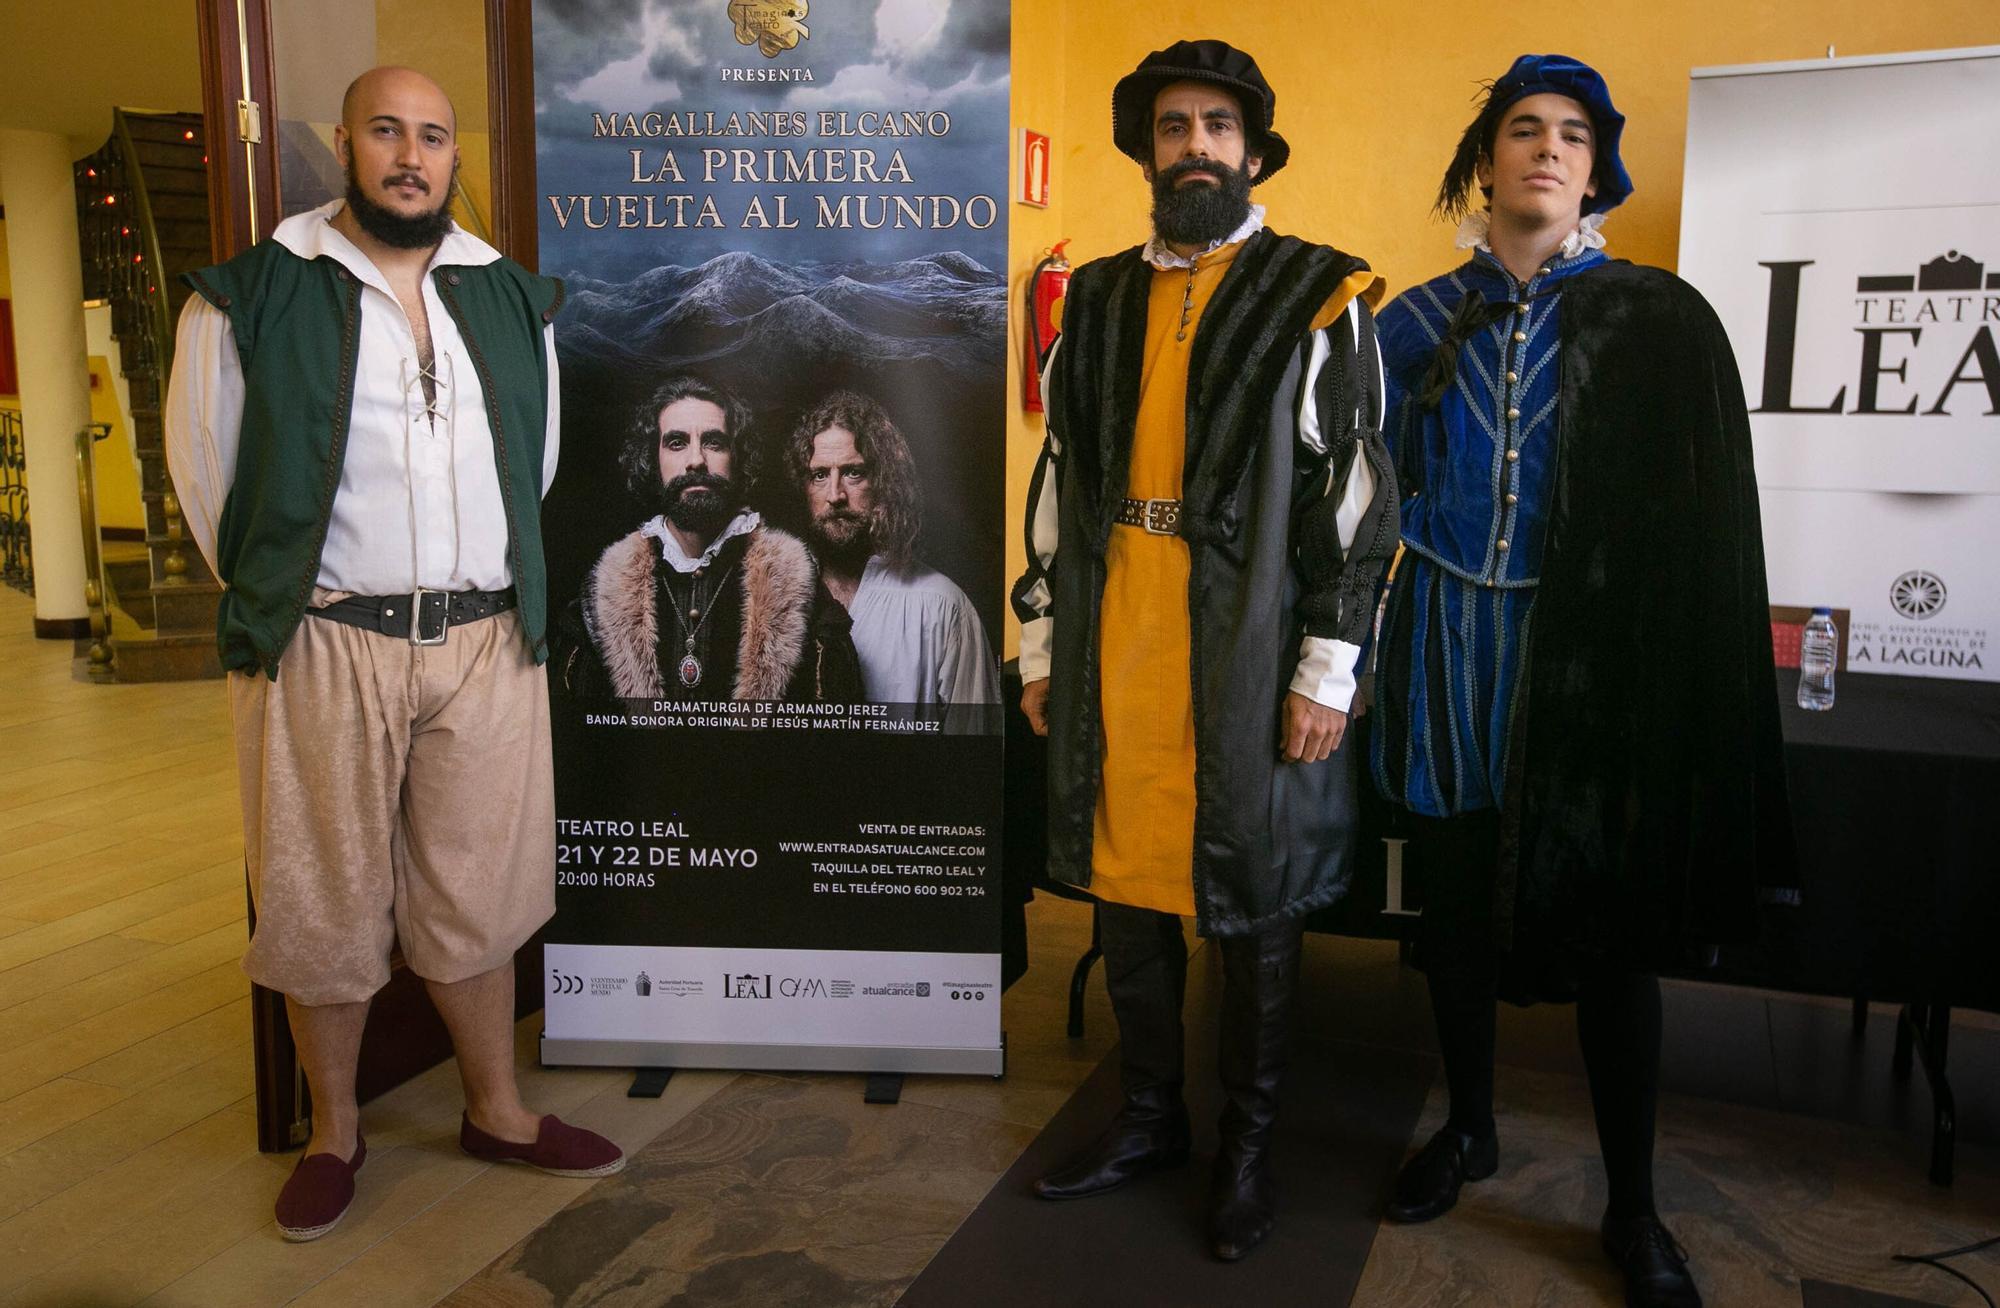 Presentación de 'Magallanes Elcano. La primera vuelta al mundo'